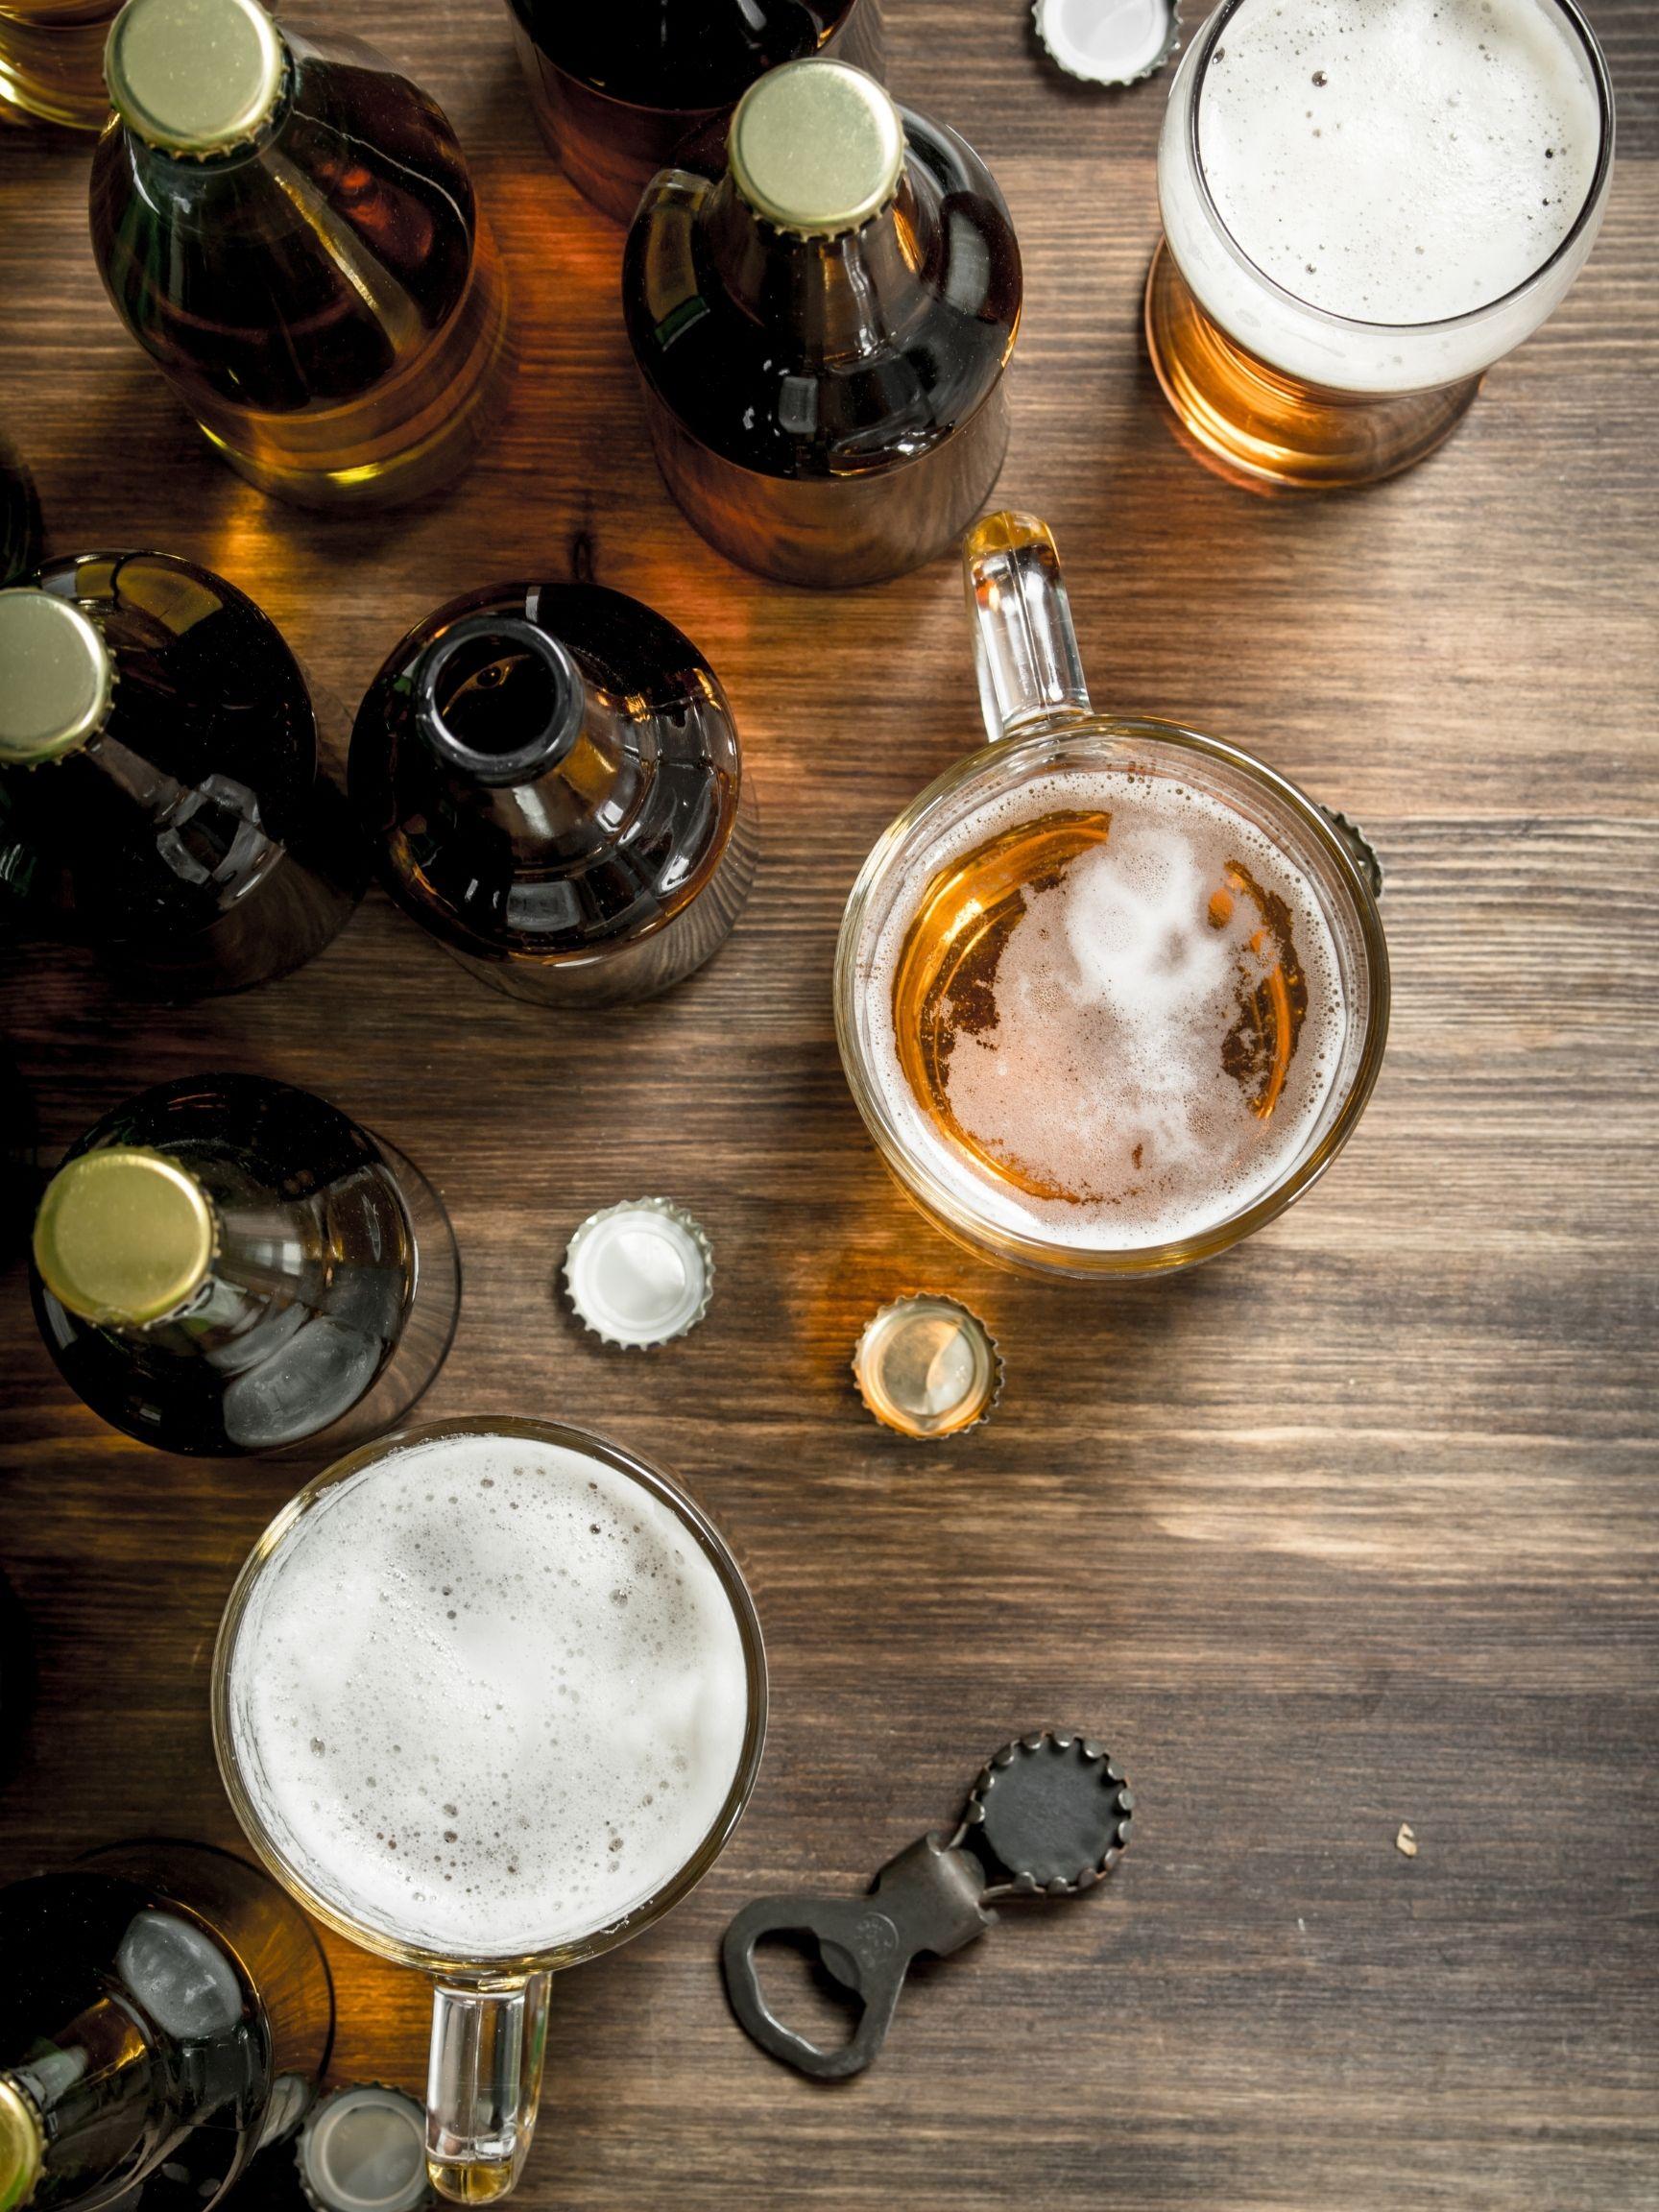 Best Breweries In Winston Salem